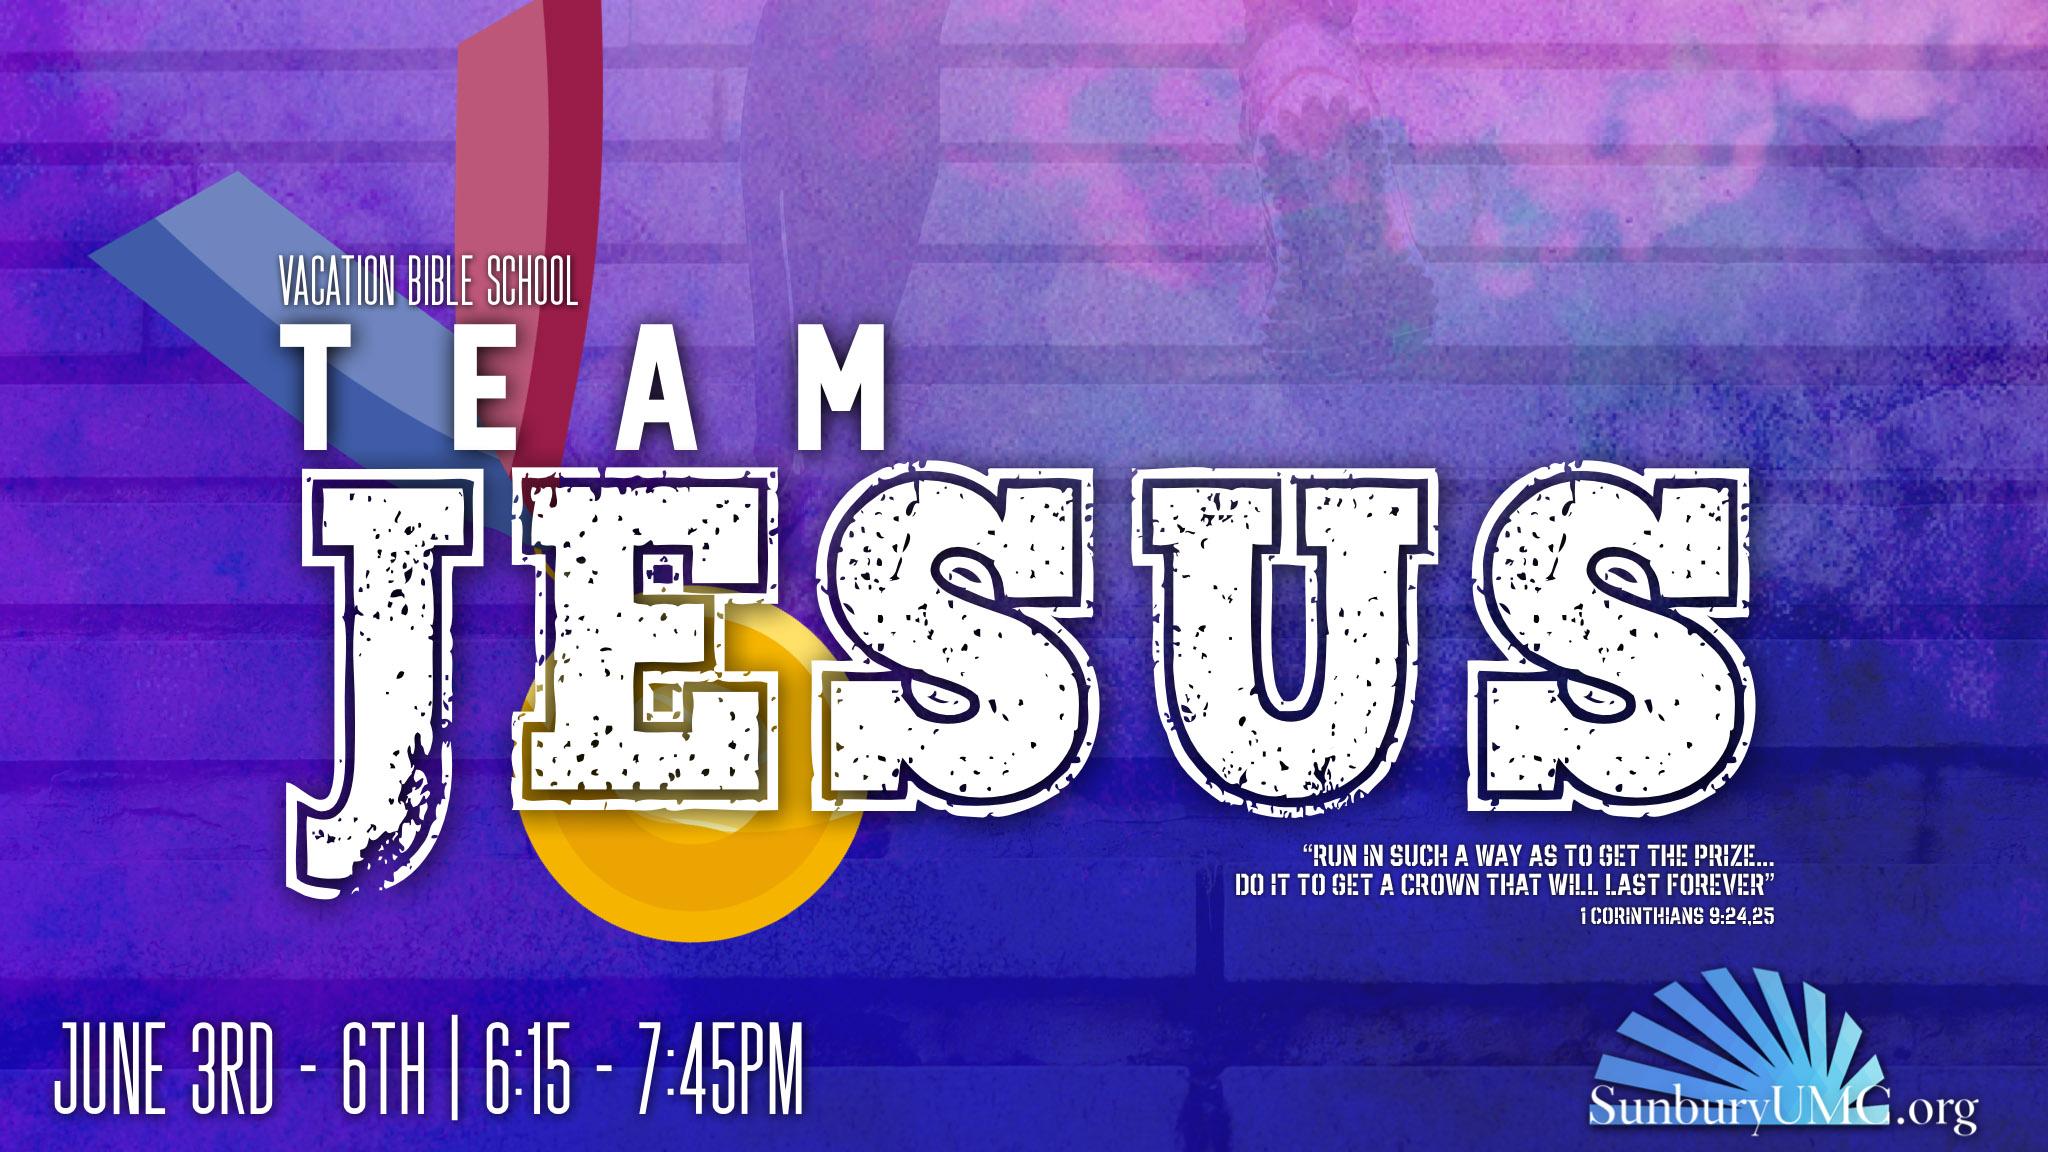 VBS 2019 - Team Jesus - SUMC.jpg